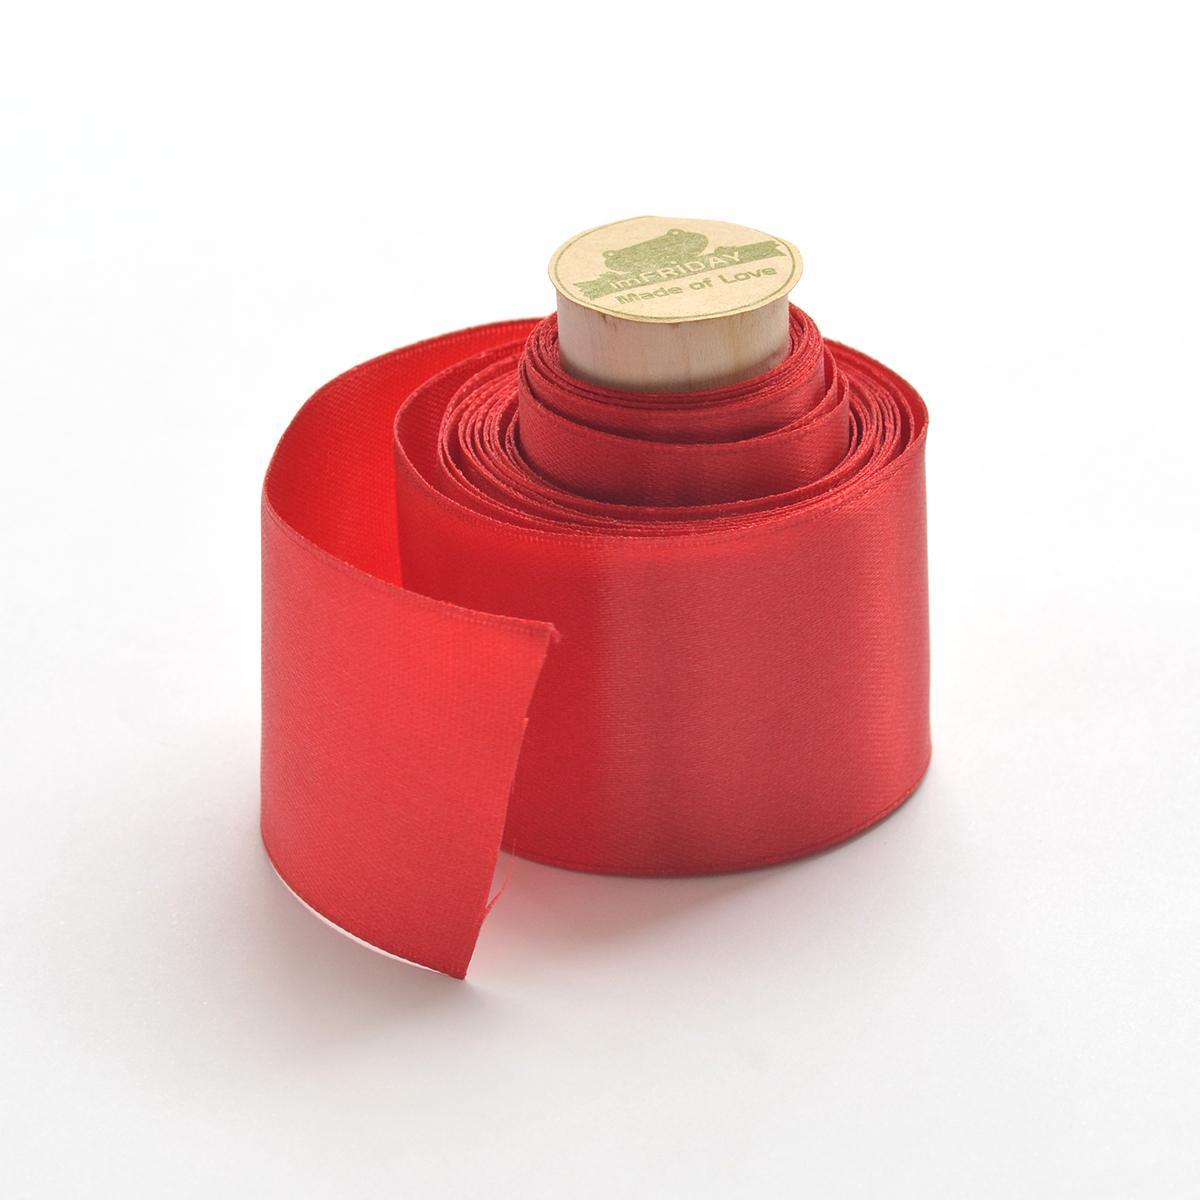 Hình ảnh 3m ruy băng lụa đỏ 4cm RB39